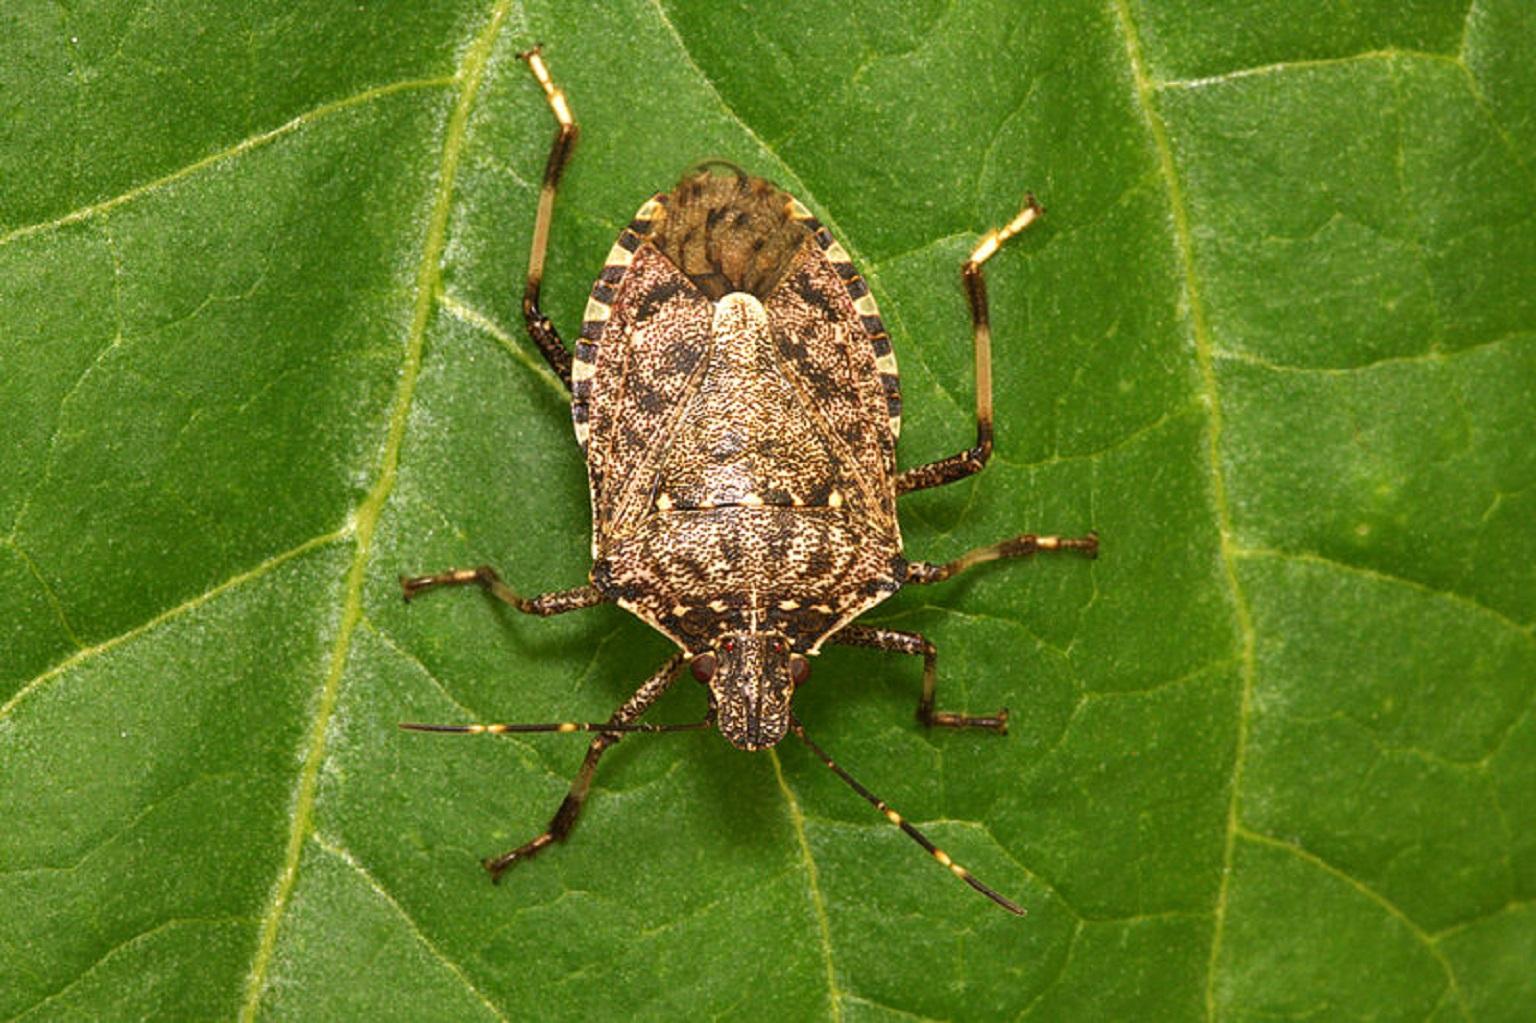 Cimice asiatica reti anti-insetto